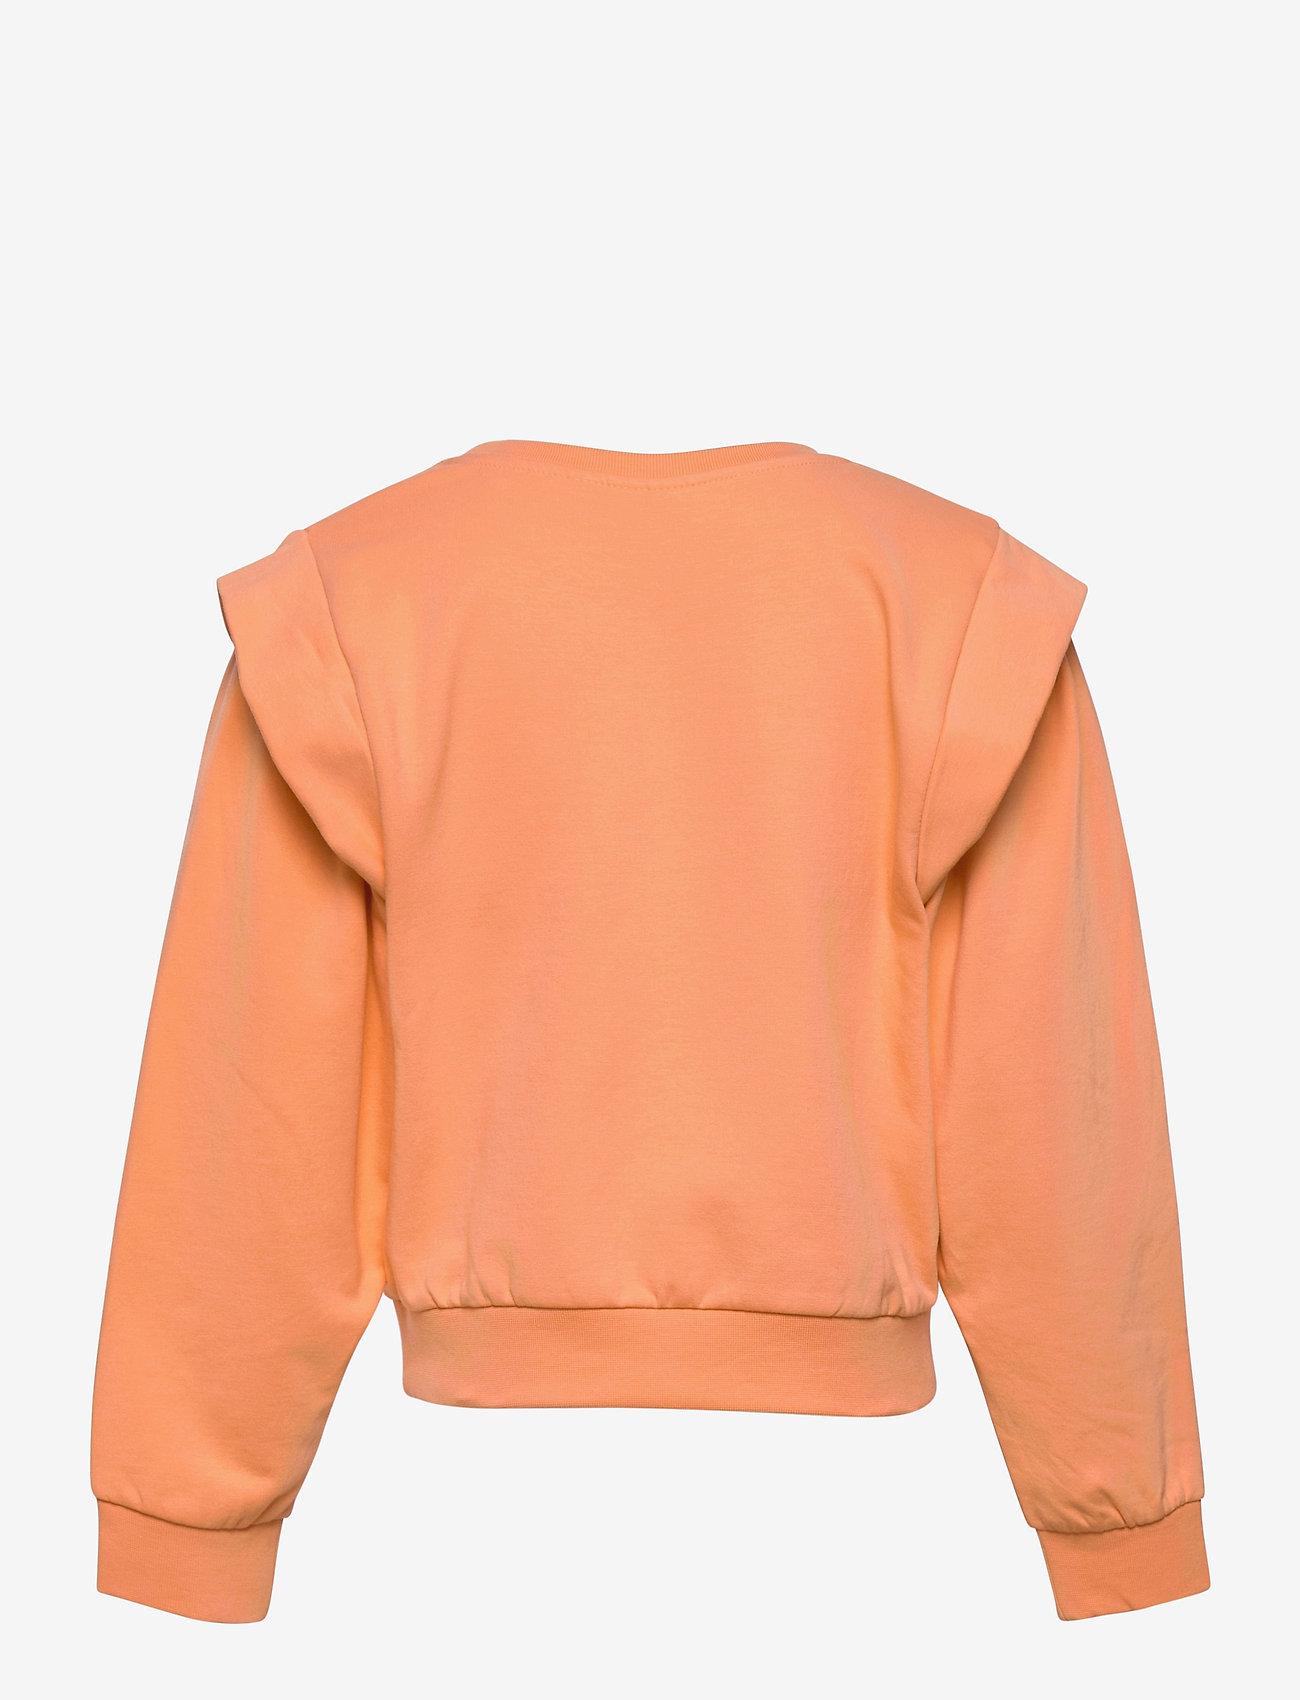 name it - NKFHOWAY LS SWEAT BRU - sweatshirts - cantaloupe - 1